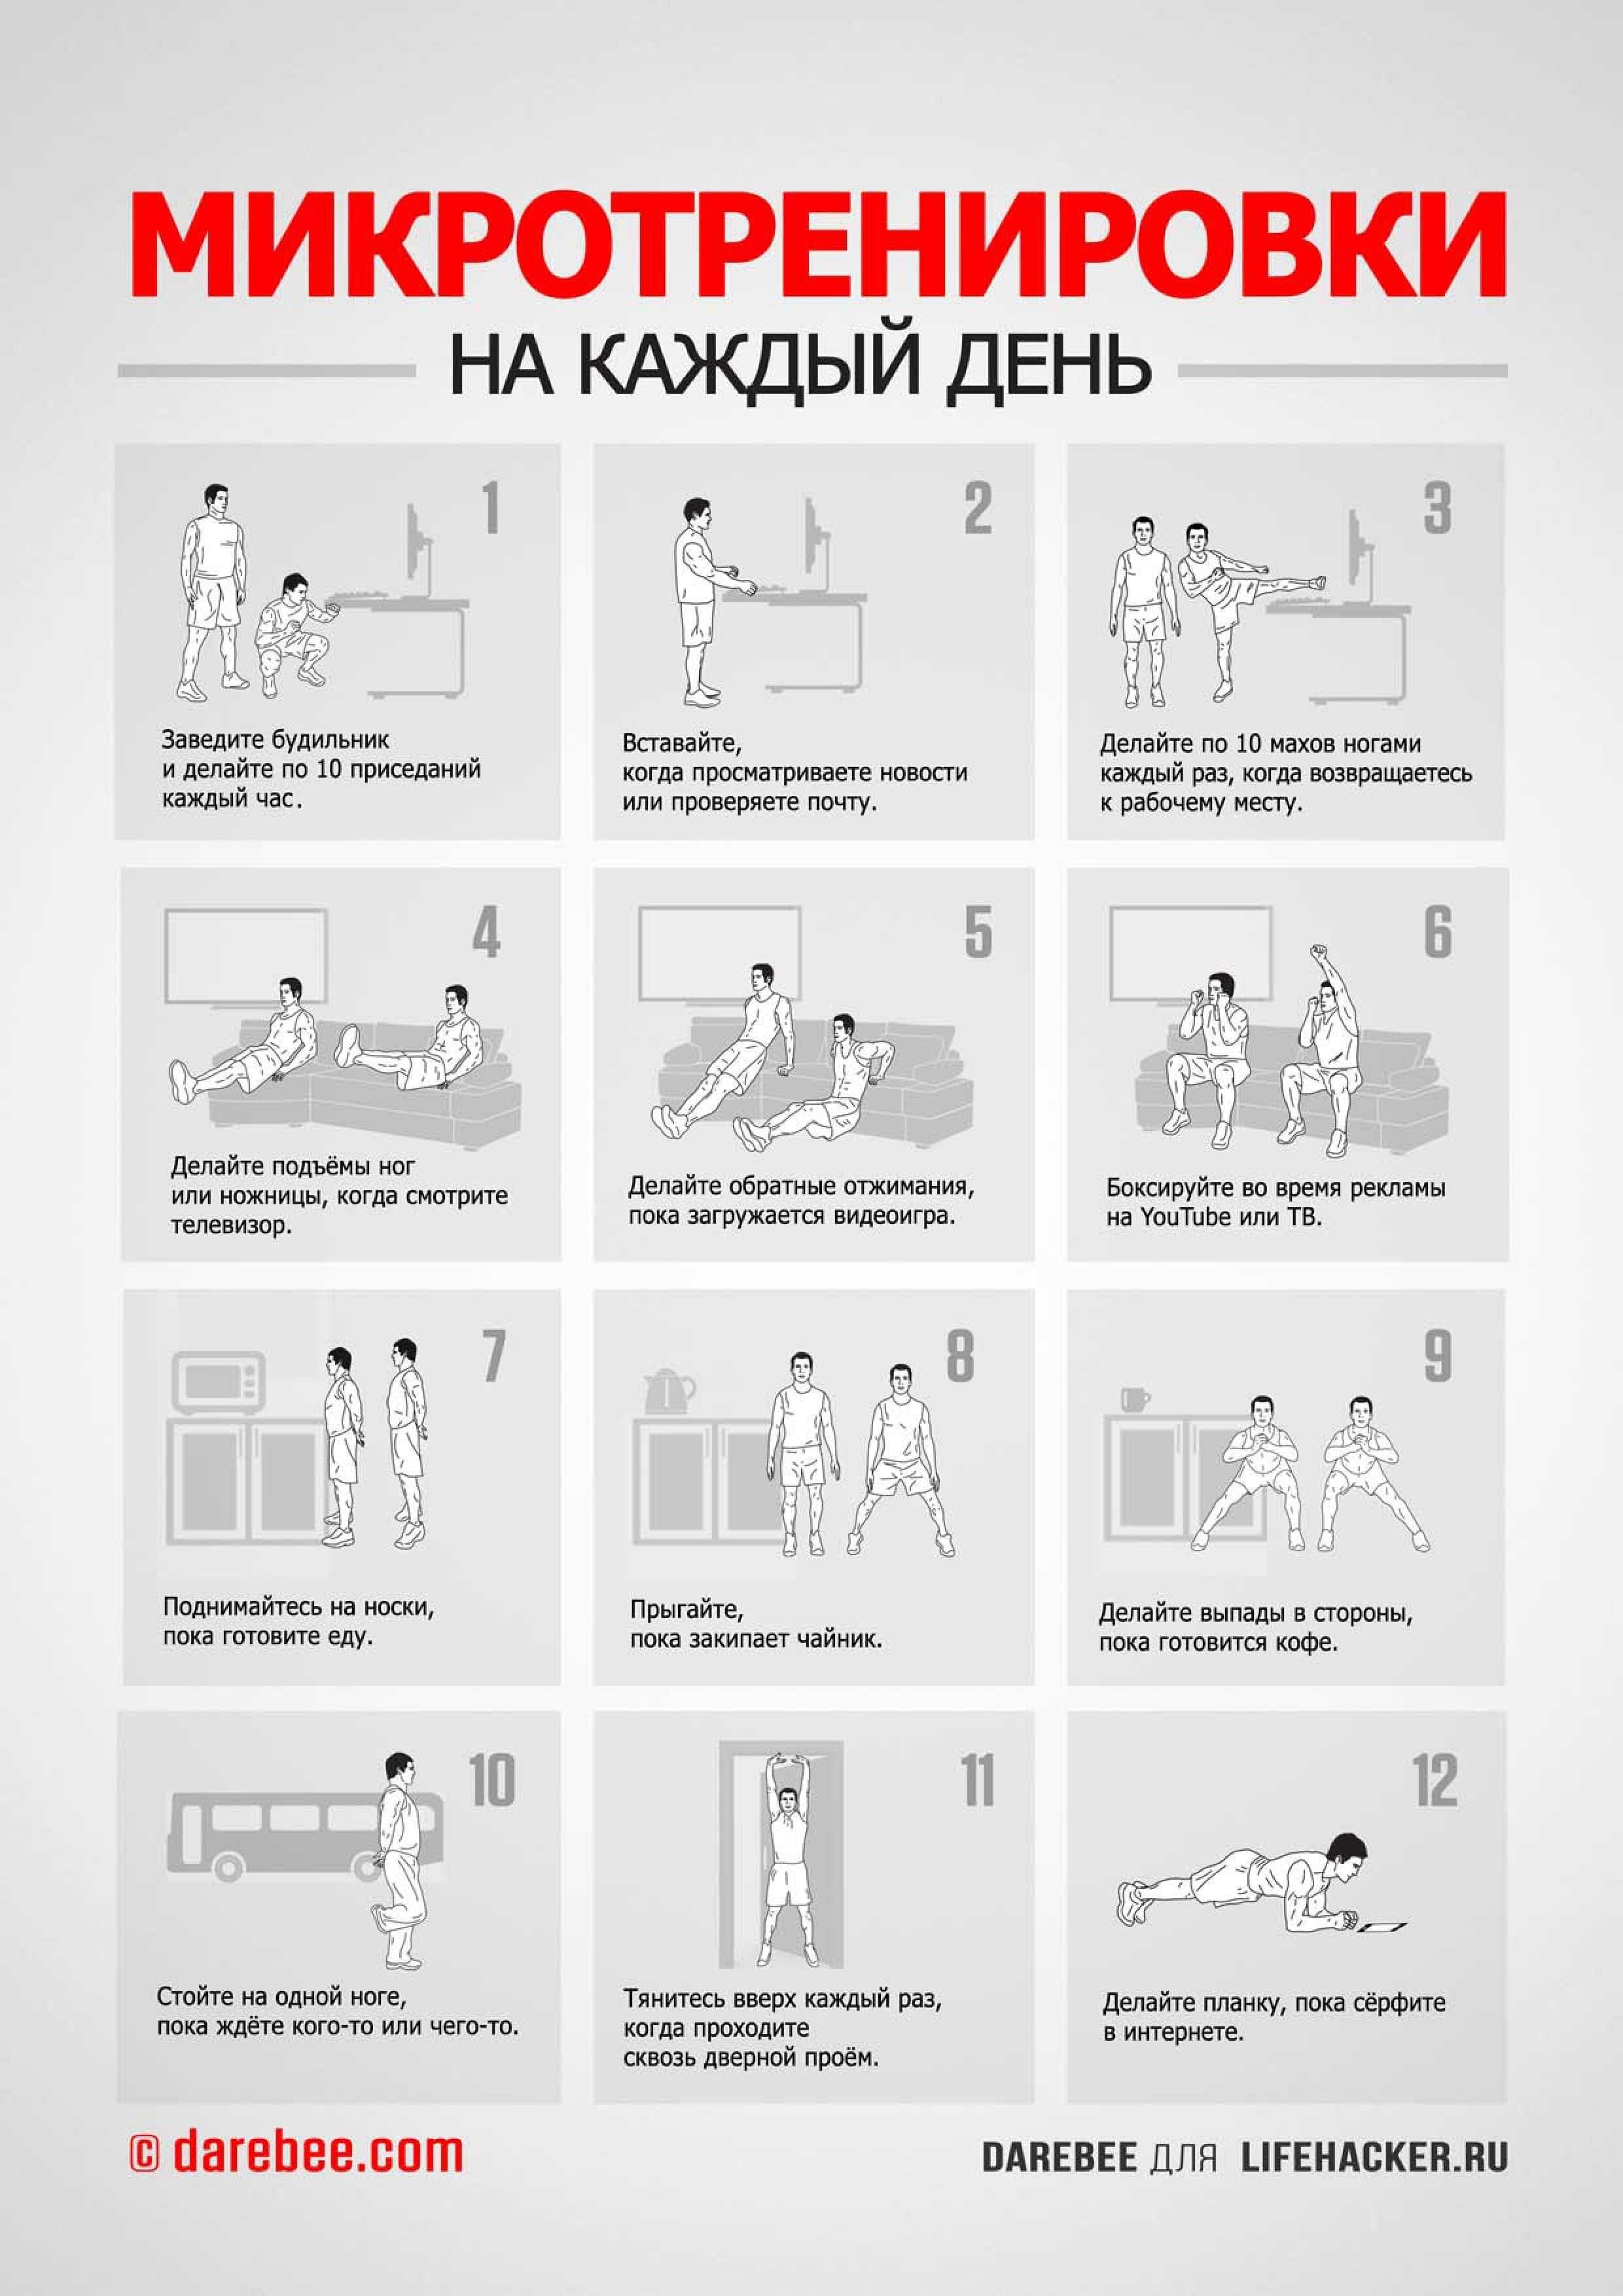 Как самому составить программу тренировок в тренажёрном зале